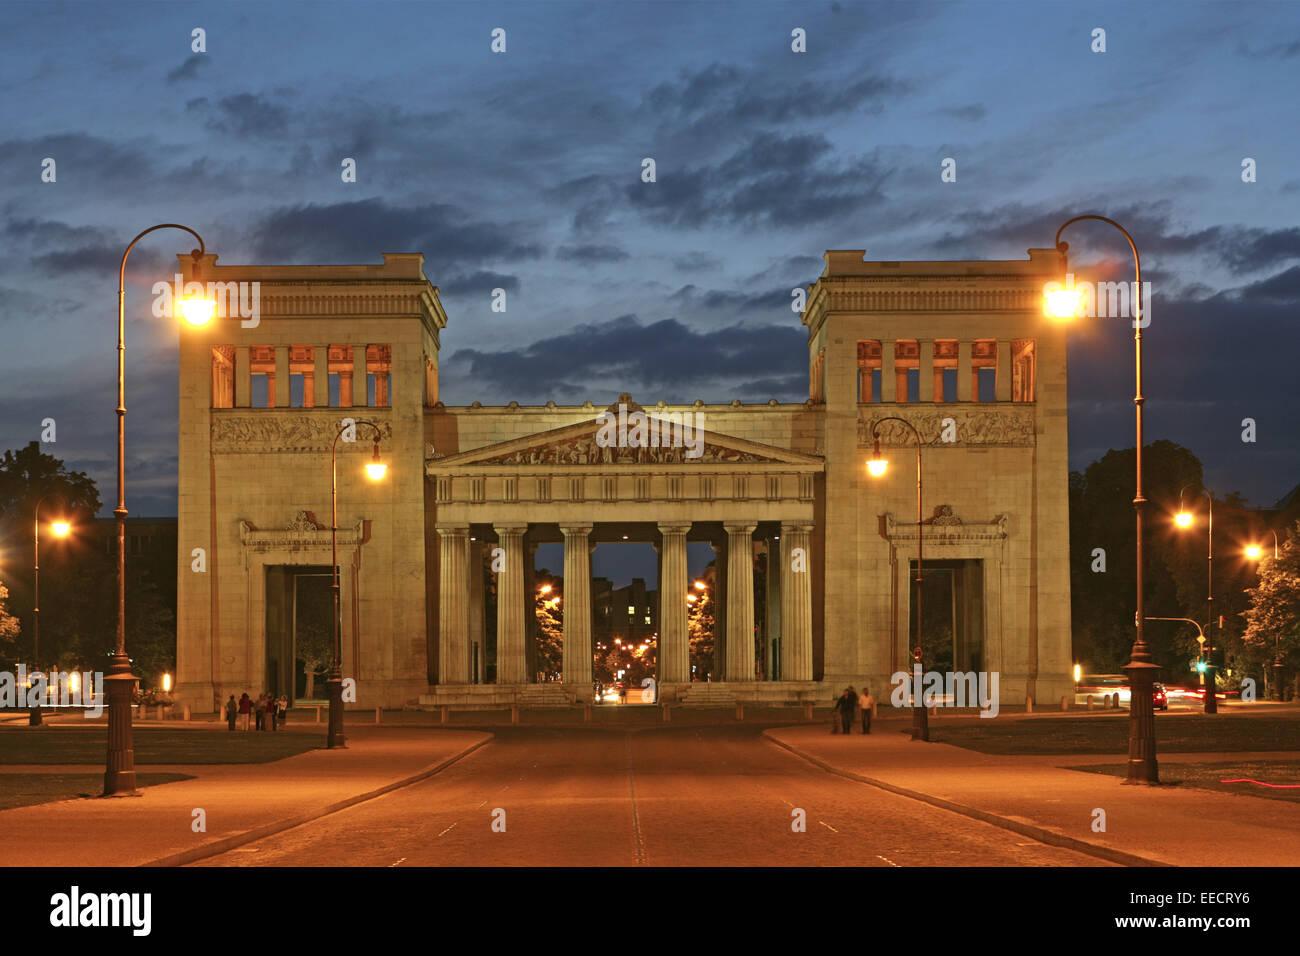 Architektur, Aussenaufnahme, Bauwerk, Bauwerke, Bayern, Deutschland, Gebaeude, Gebäude, Propylaeen, Propyläen - Stock Image